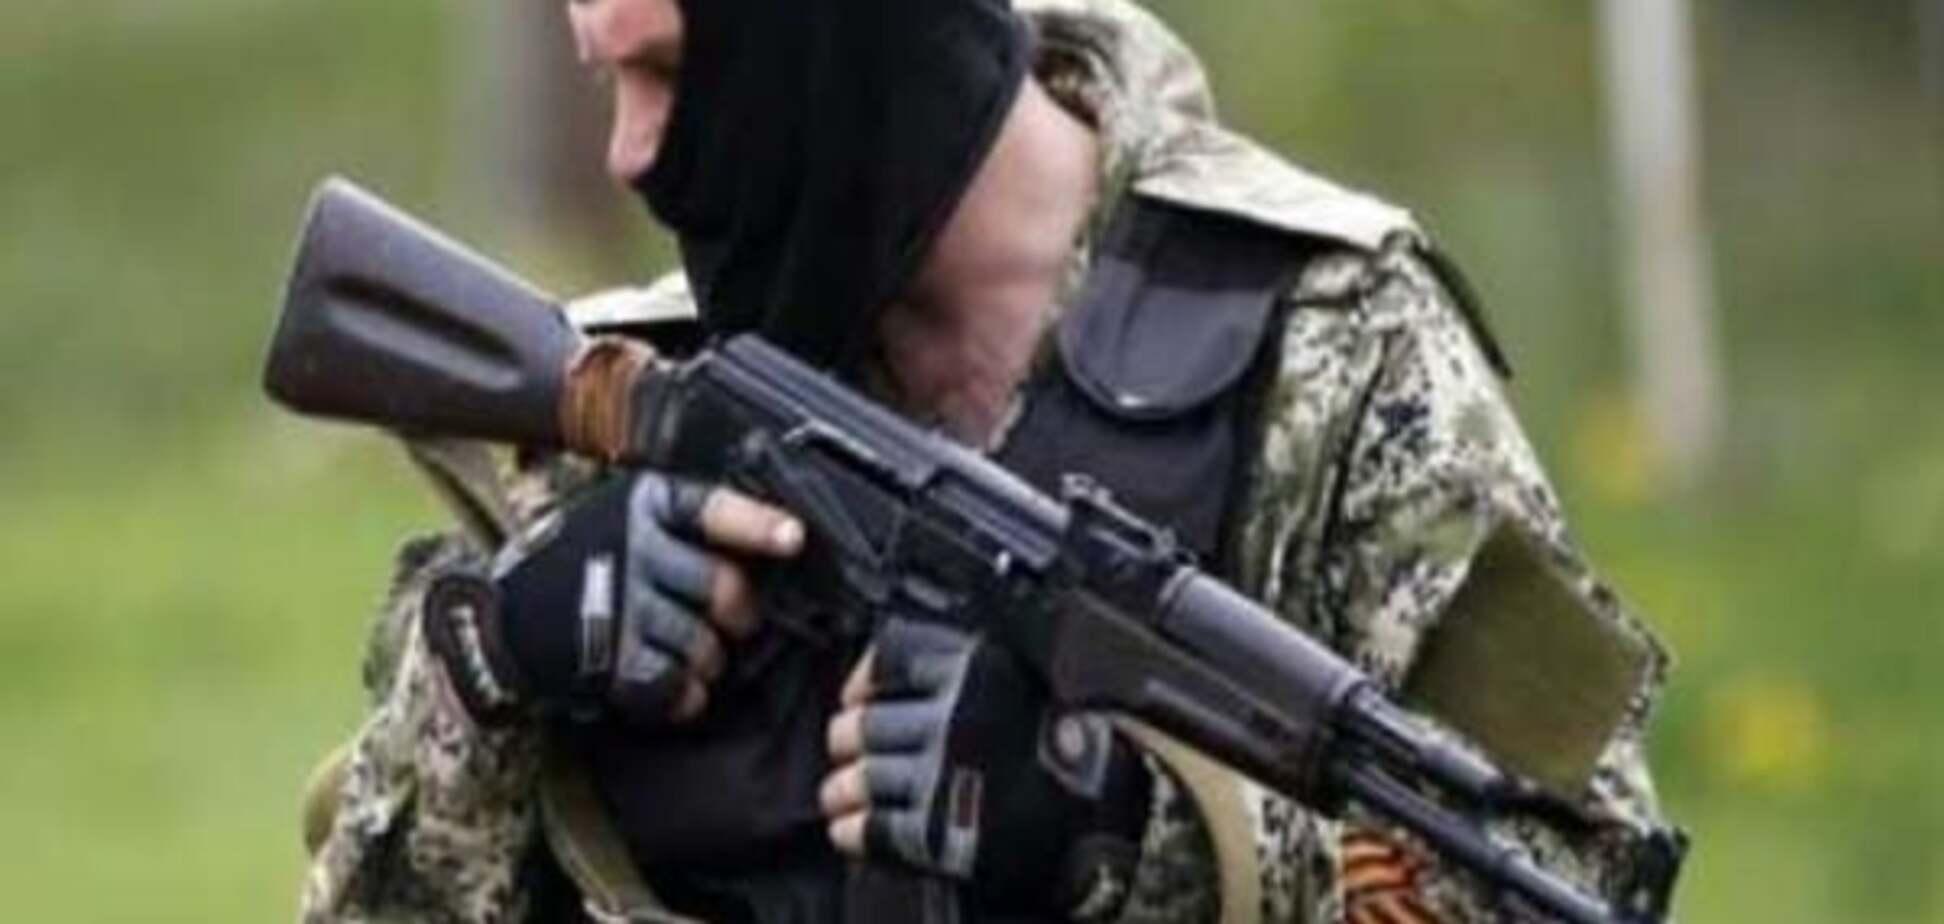 Участь у 'ДНР' перетворило на бомжа: на Донеччині терорист добровільно здався поліції